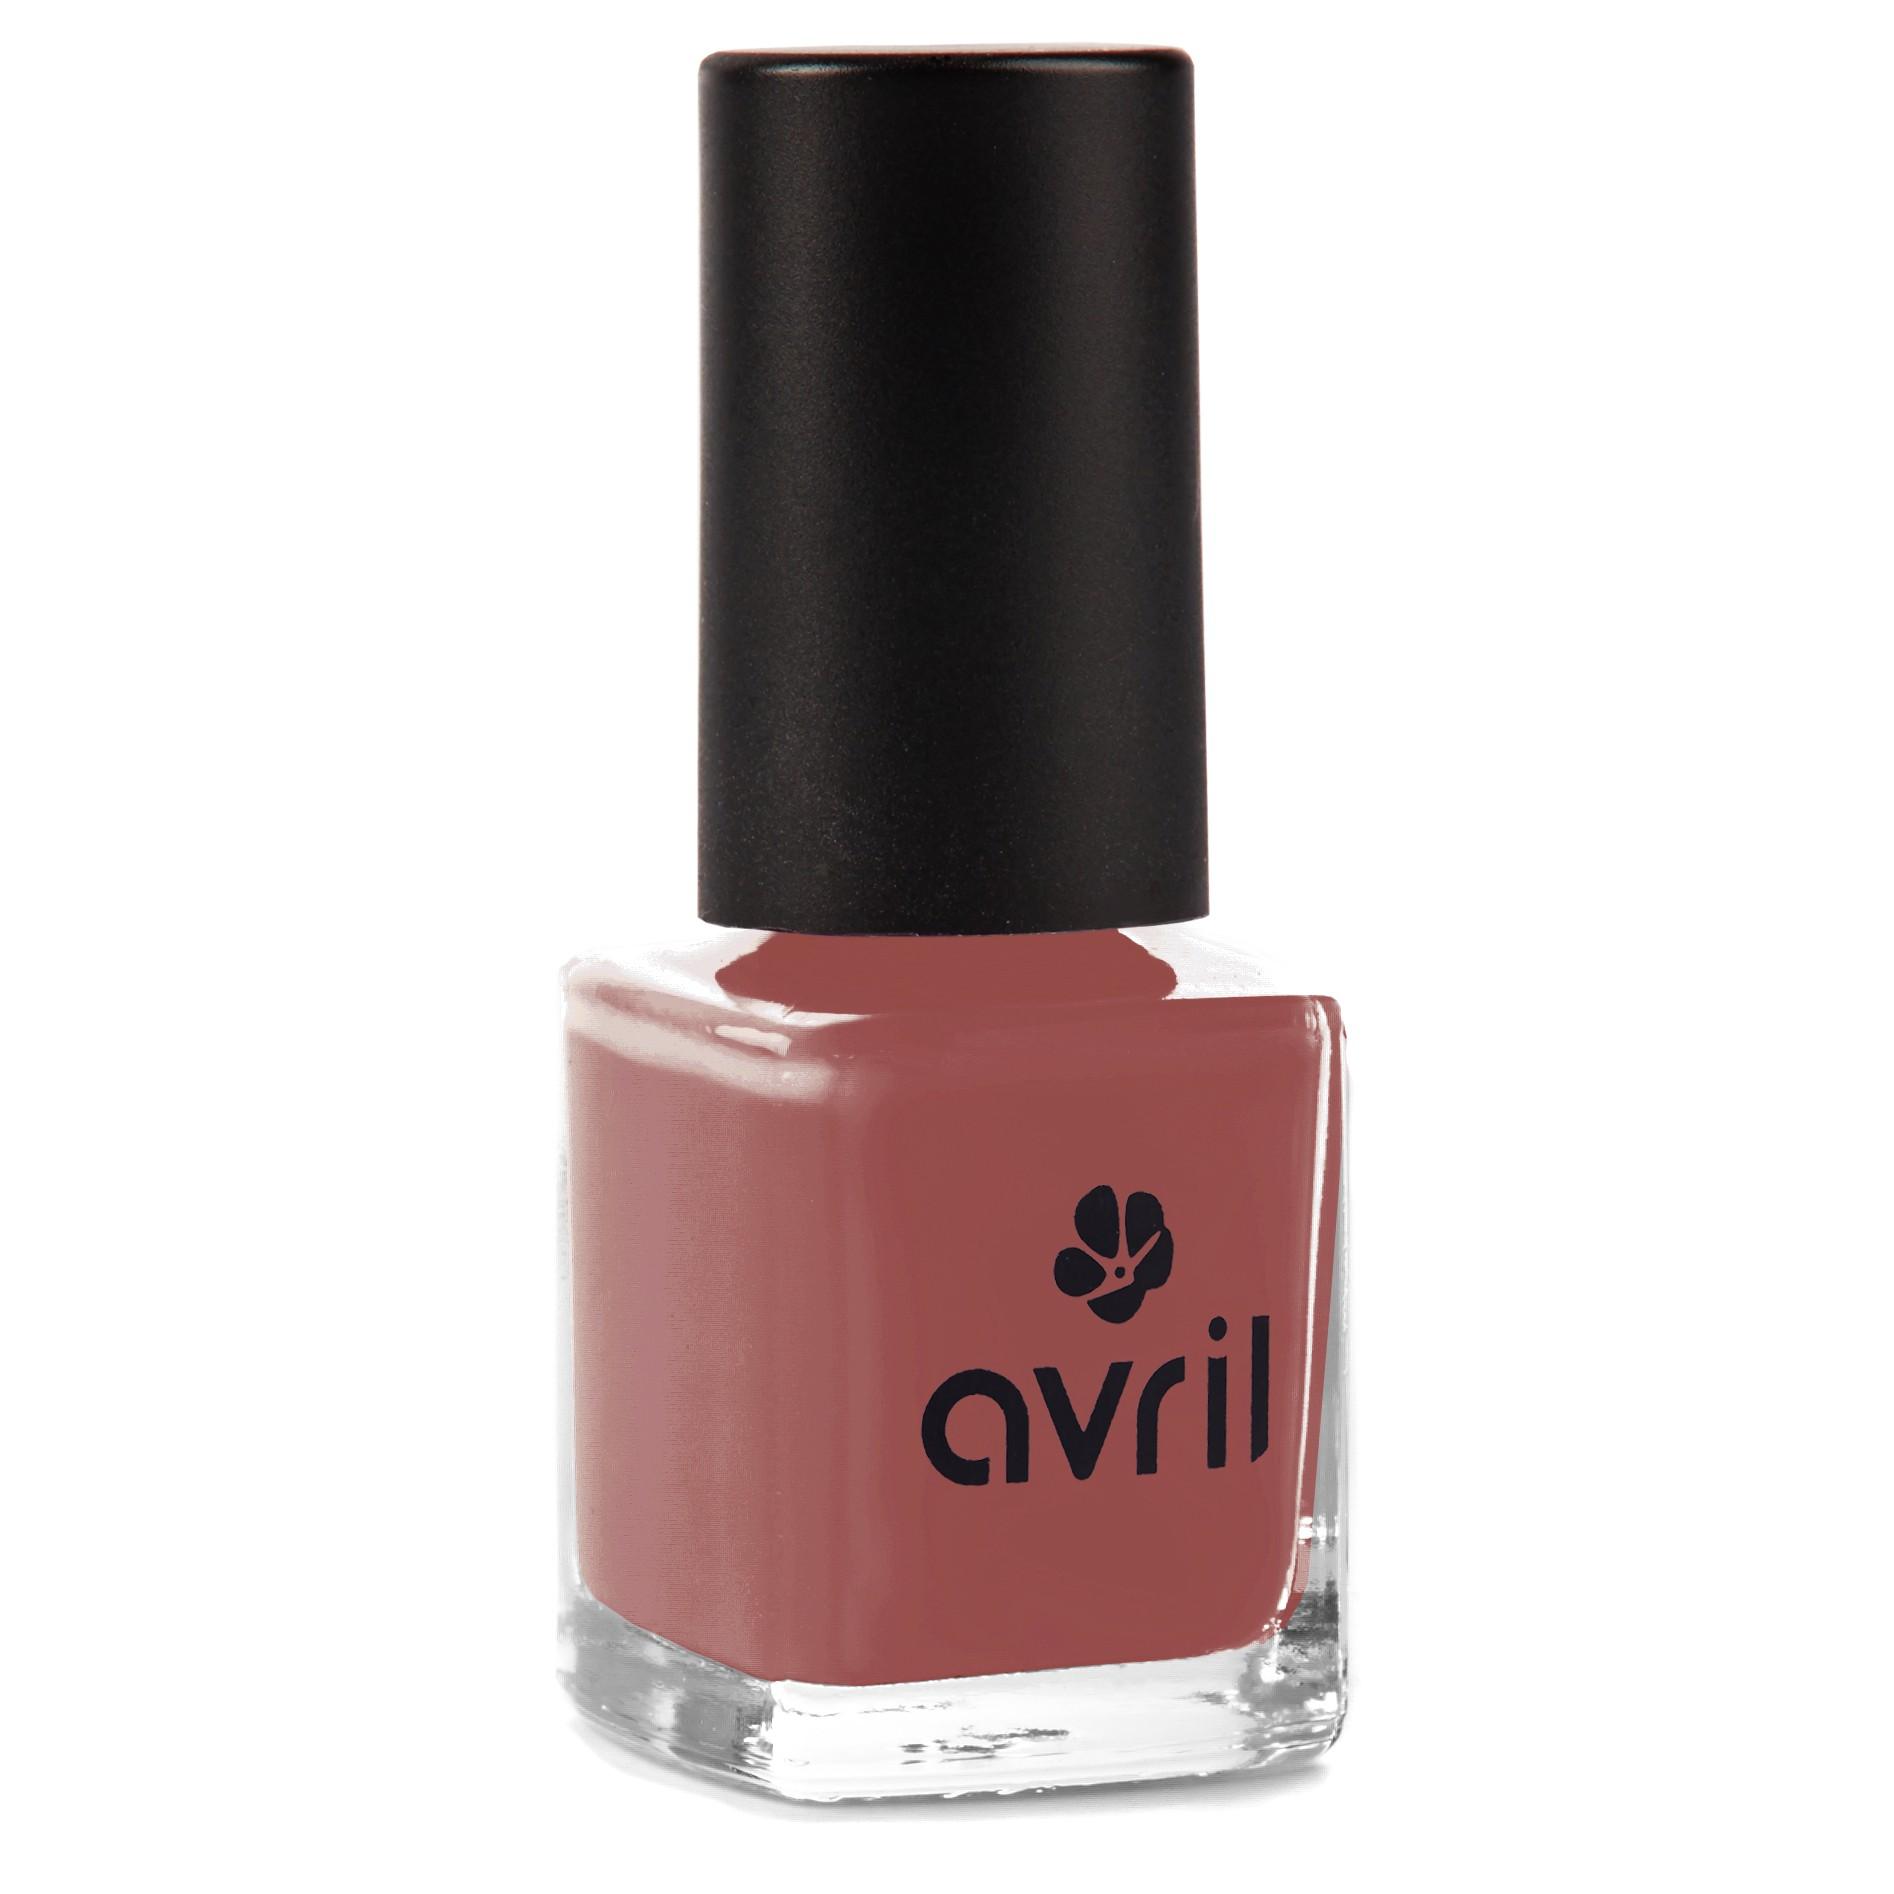 Marsala nail polish, marsala nail varnish